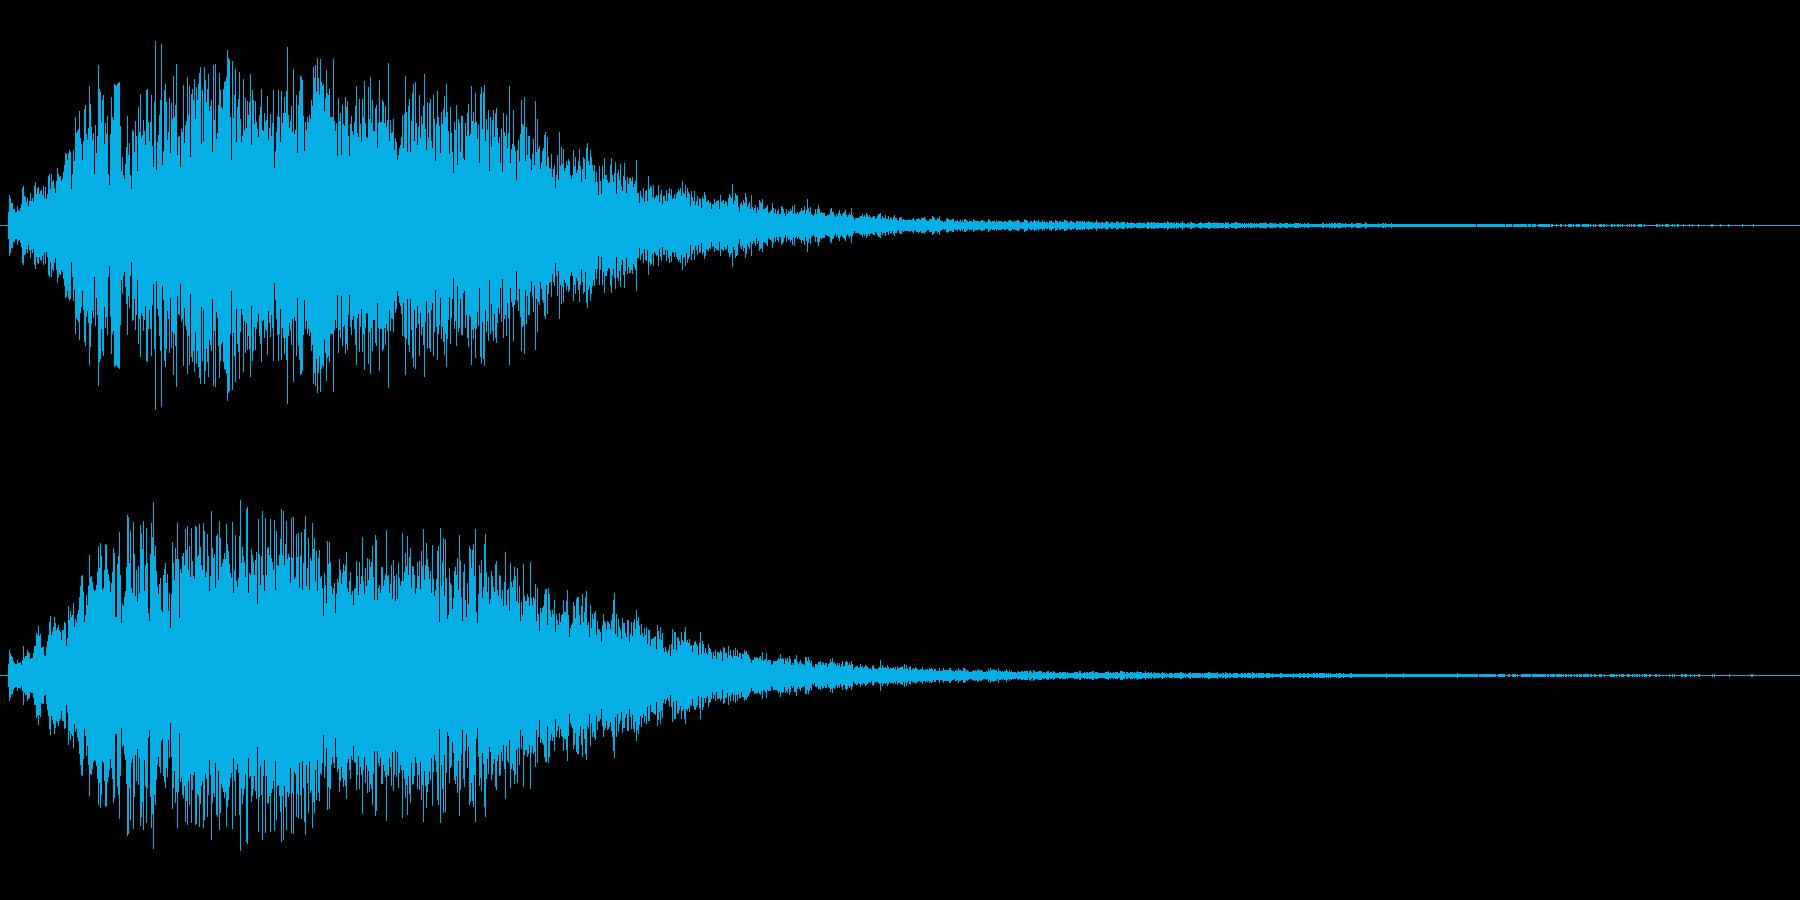 キラキラアップ(響きあり)の再生済みの波形